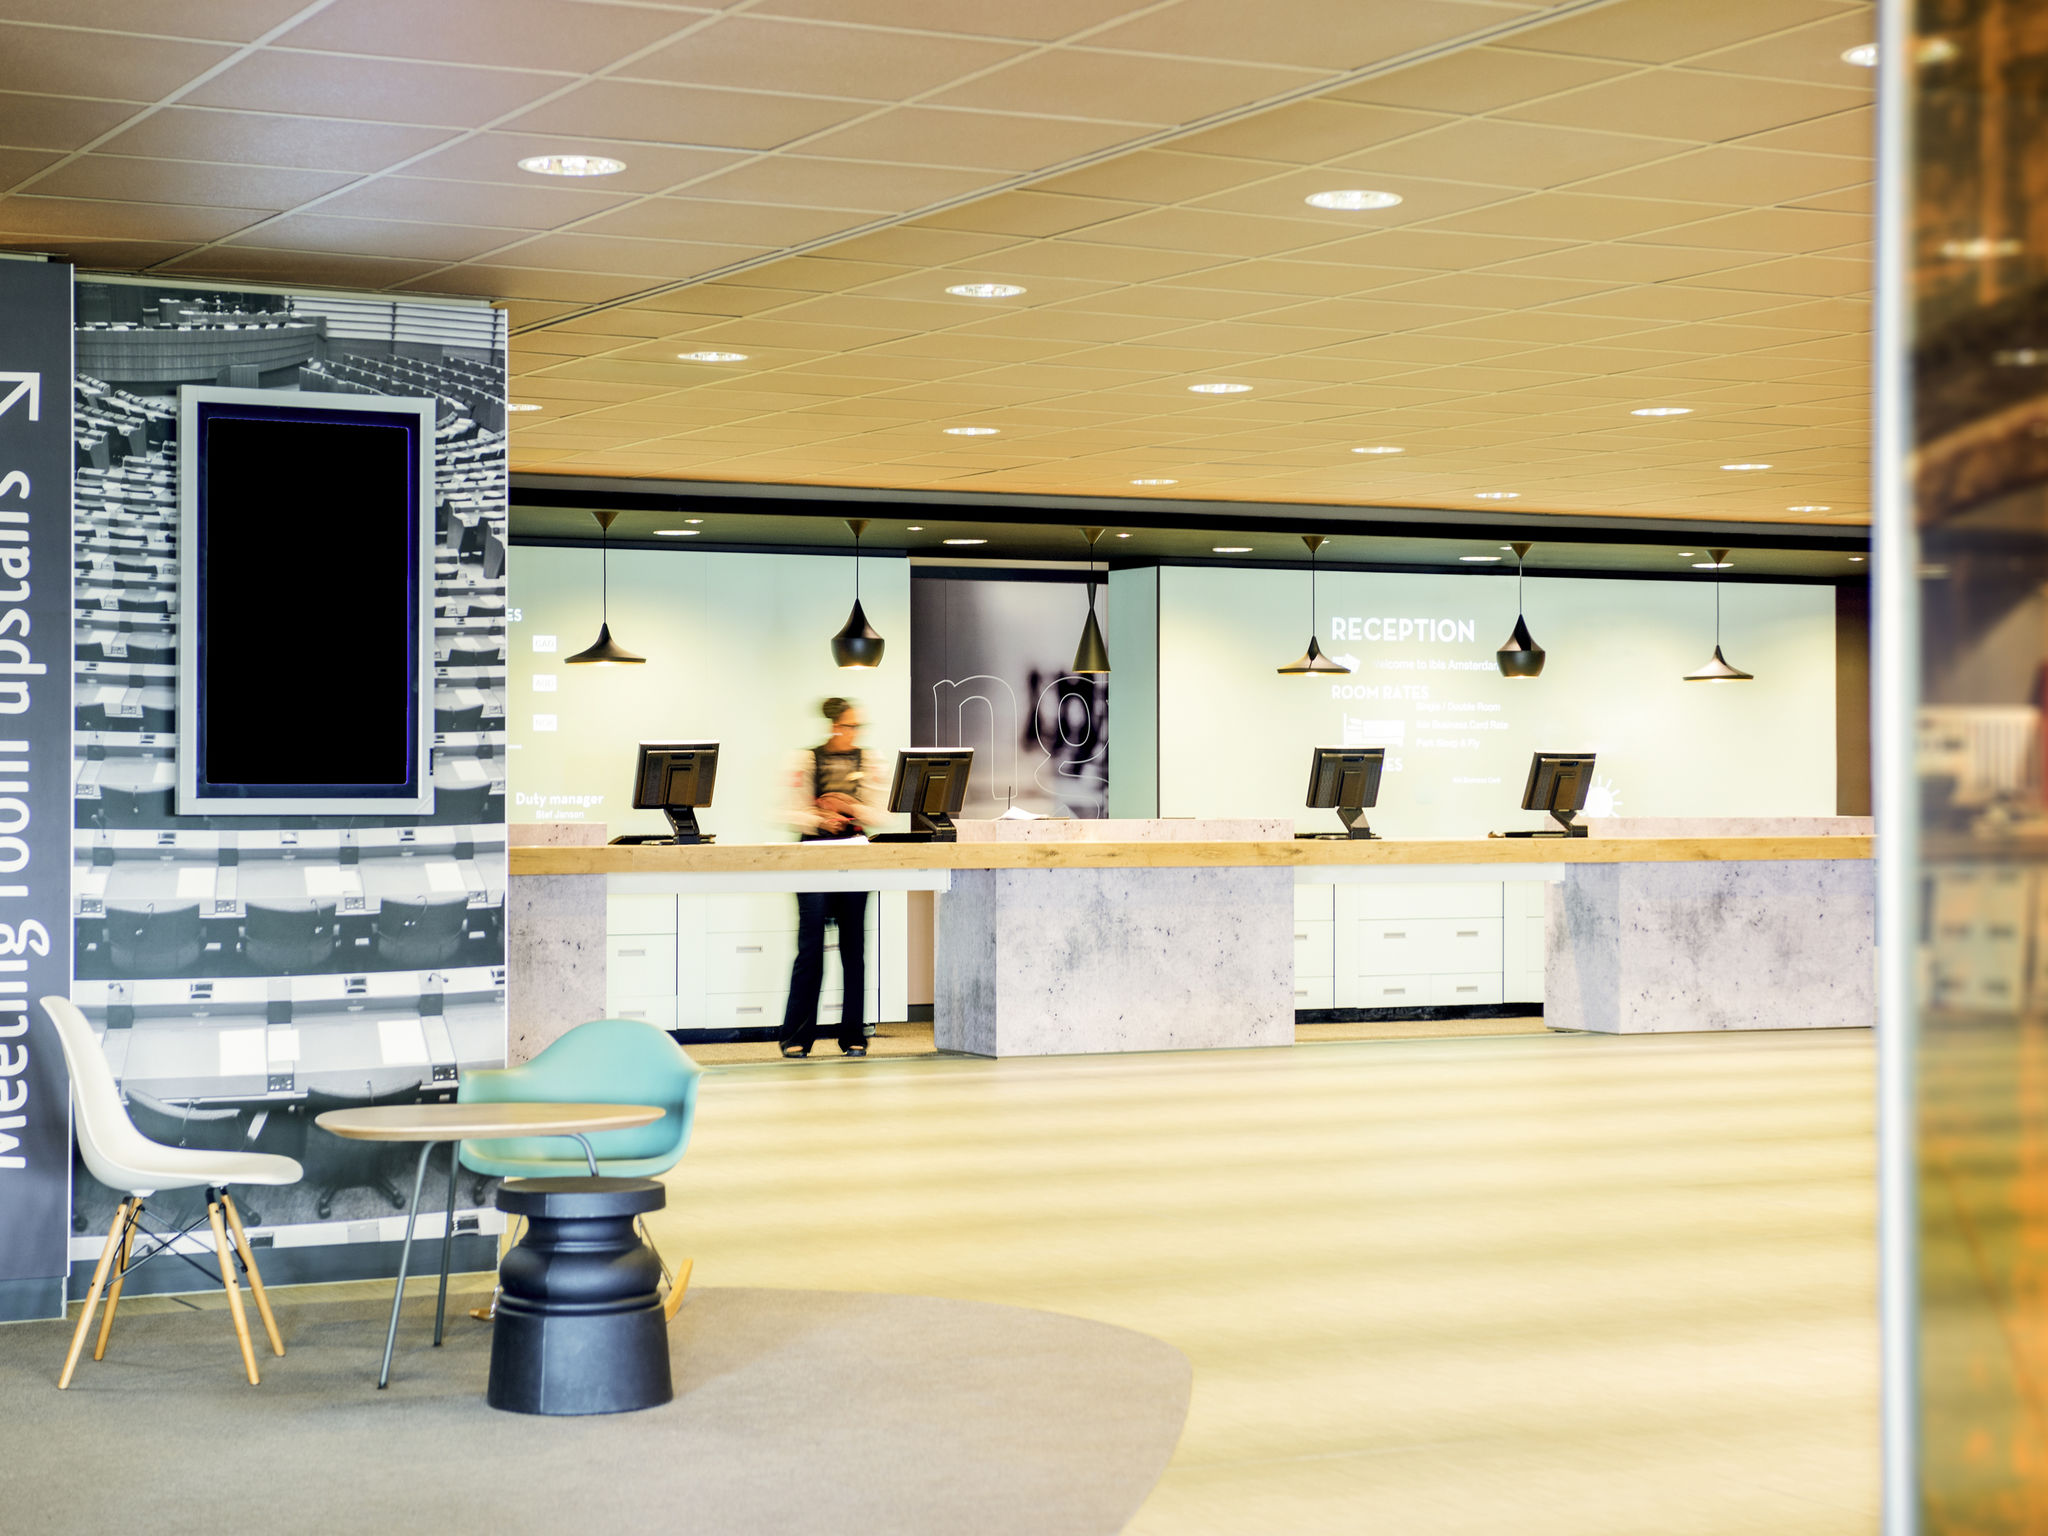 โรงแรม – ไอบิส อัมสเตอร์ดัม สคิปโพล แอร์พอร์ต